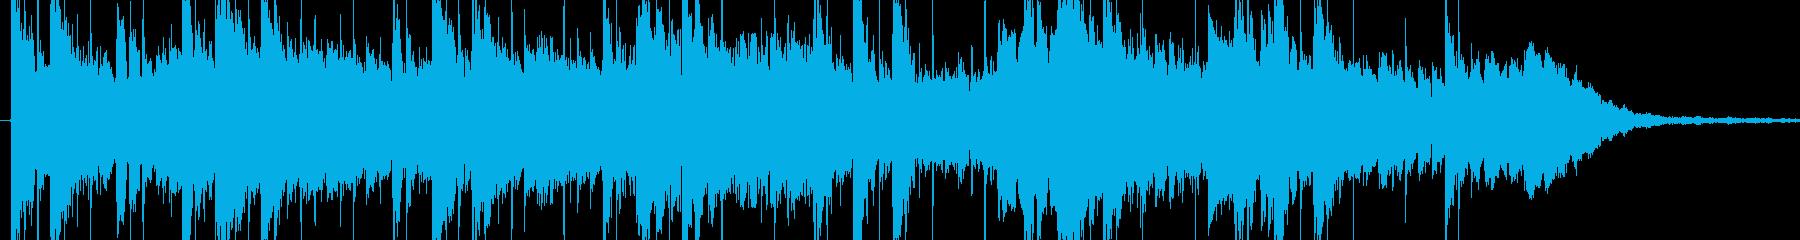 電気楽器。きらめく、スペーシーな溝...の再生済みの波形